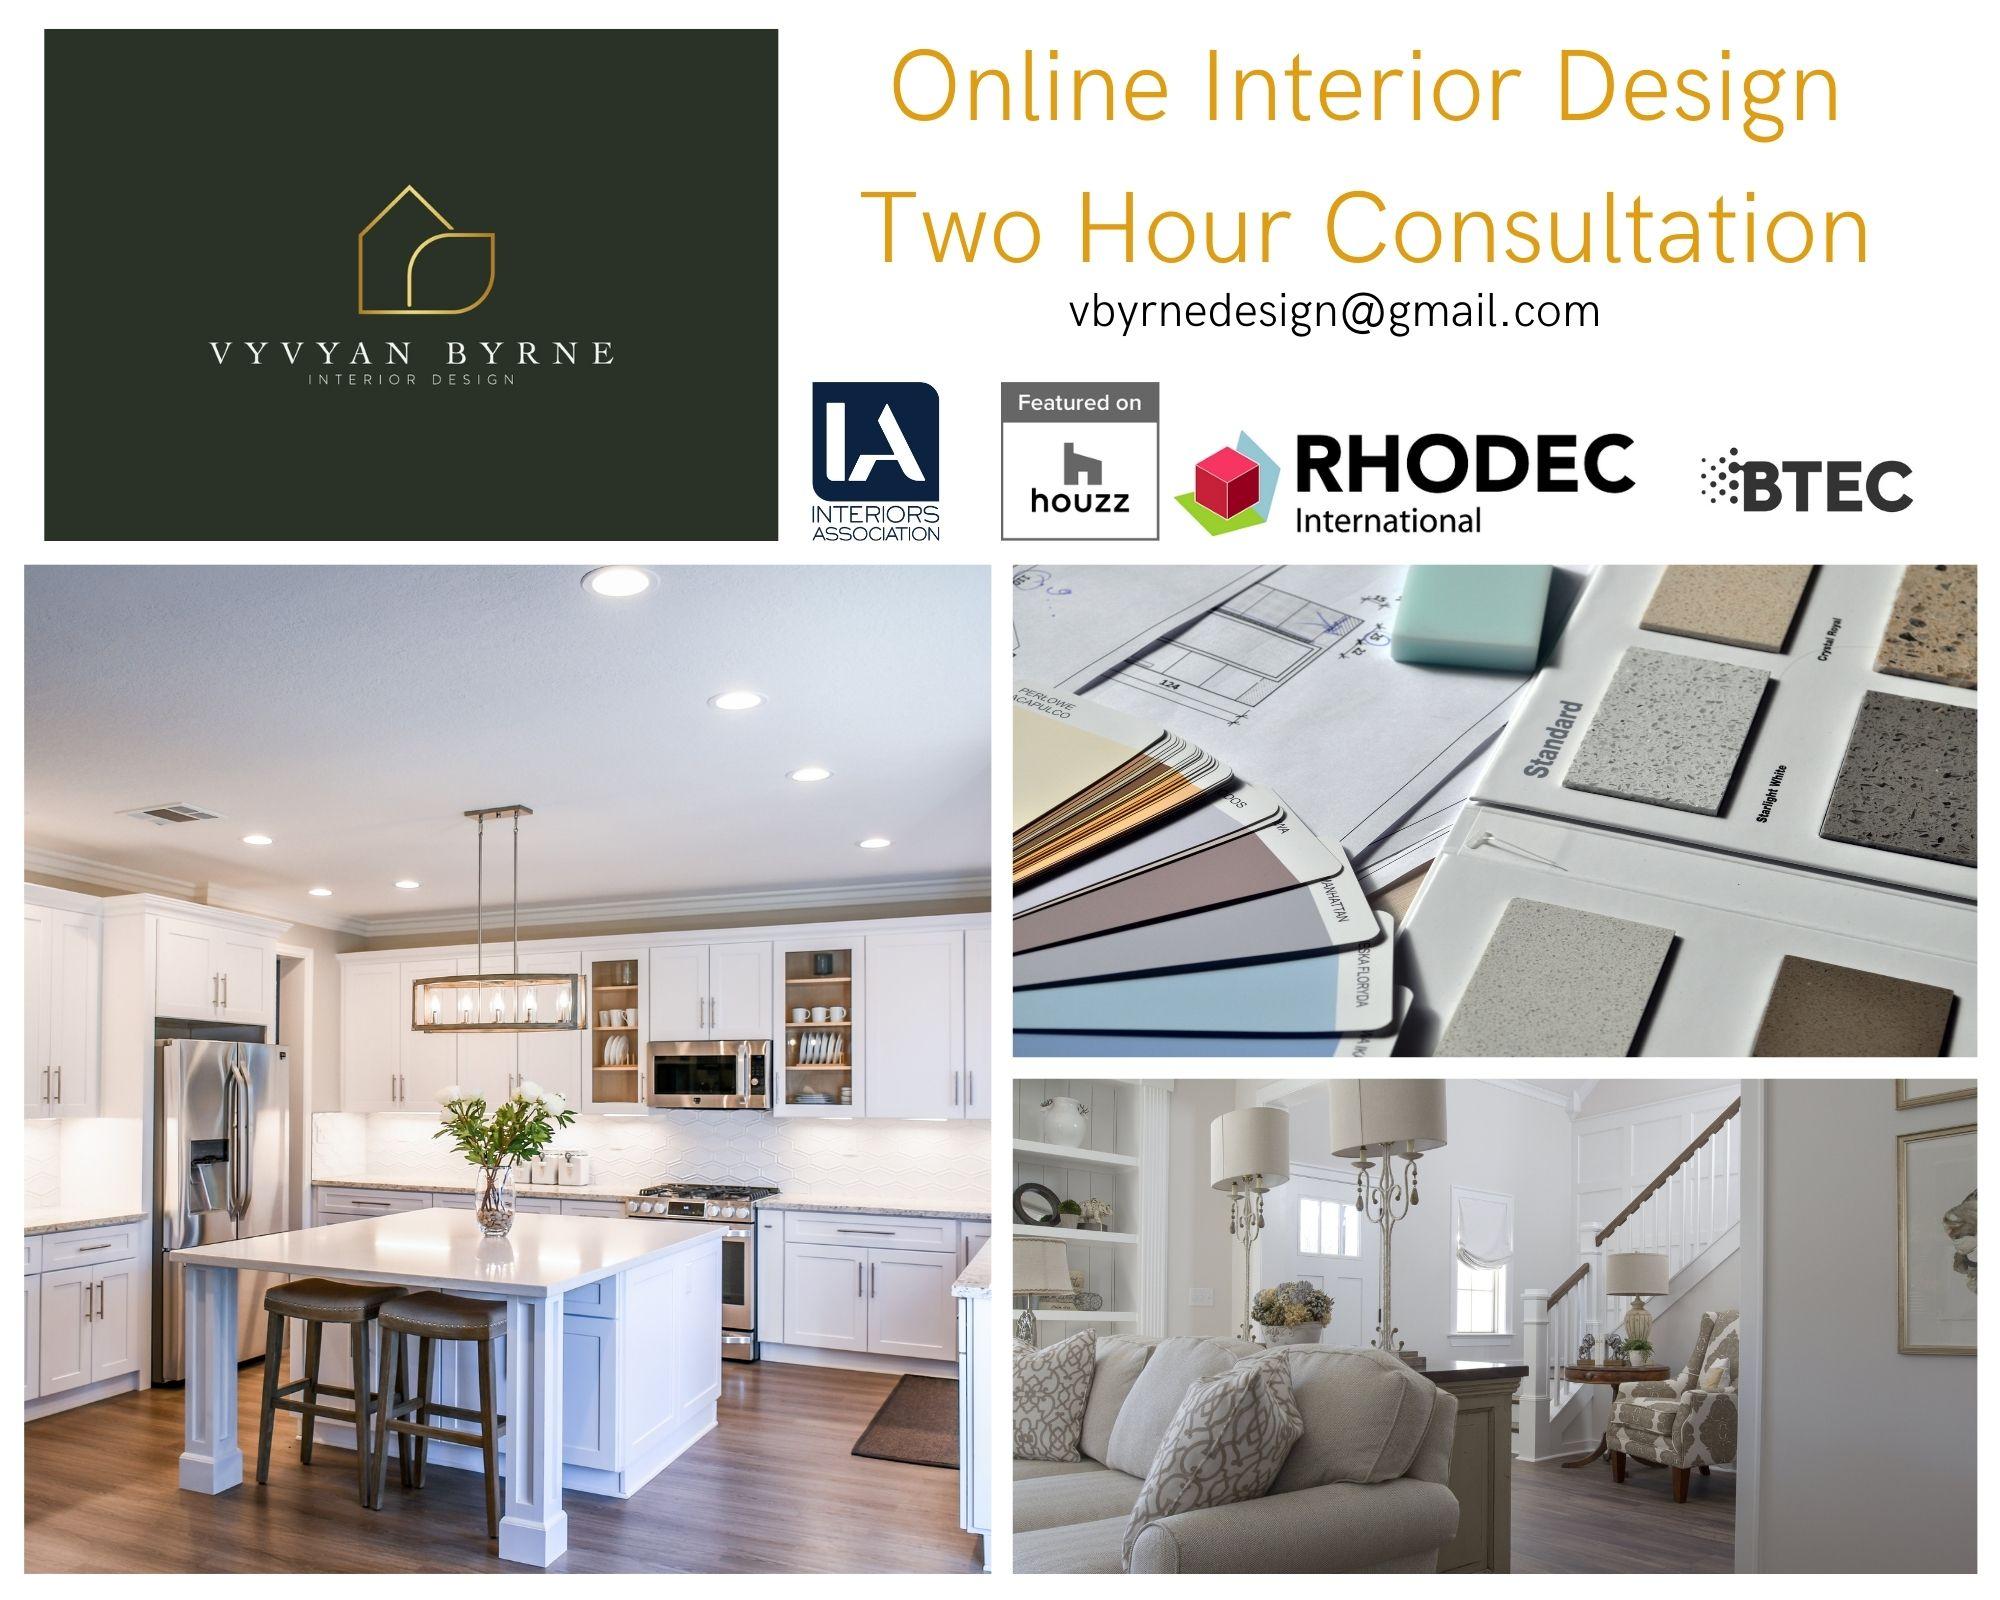 Online Design Consultation Image